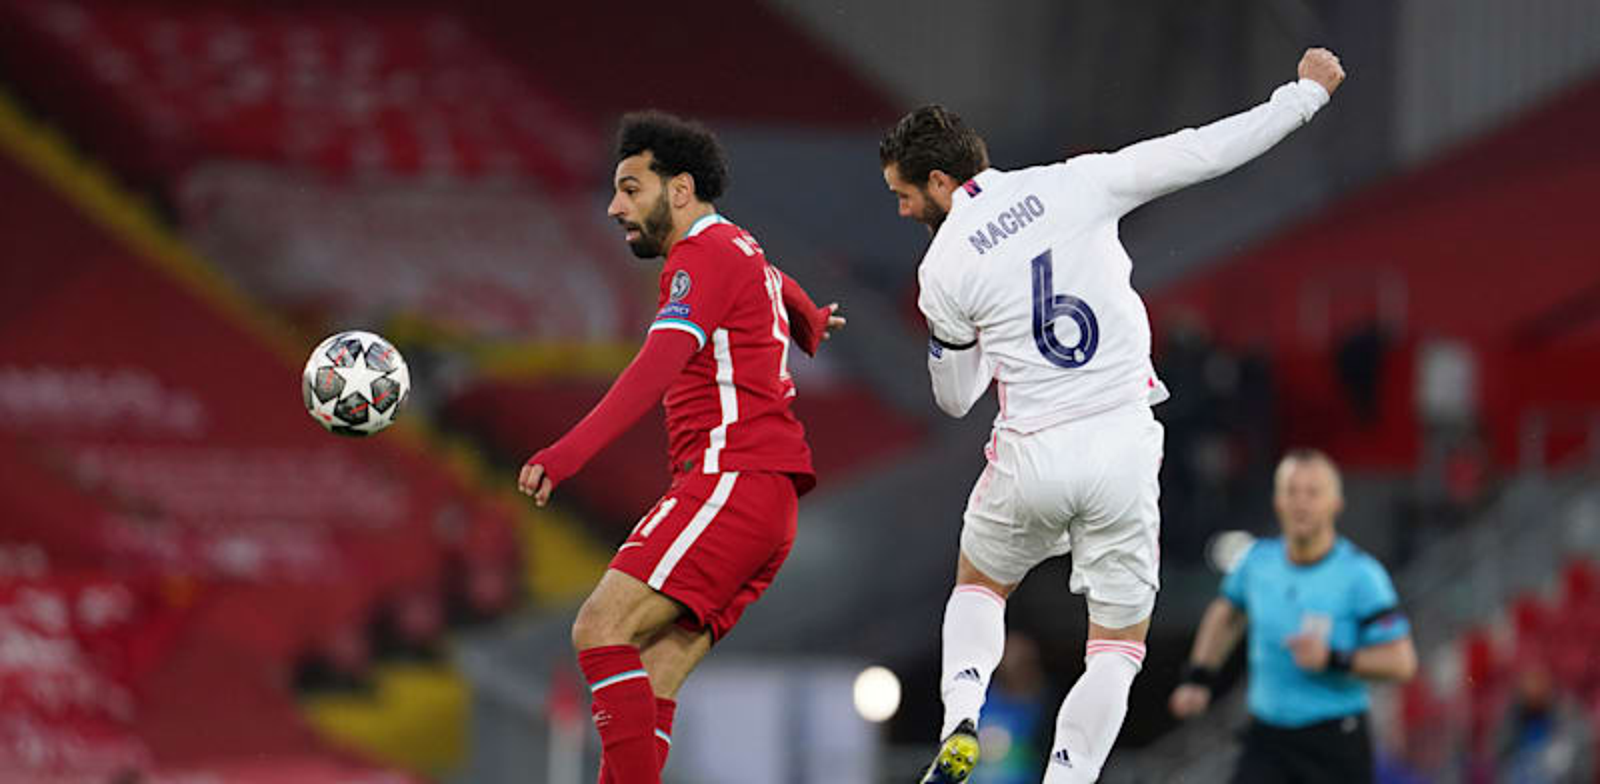 מוחמד סלאח ומאצ'ו במשחק בין ליברפול וריאל מדריד / צילום: Associated Press, Jon Super